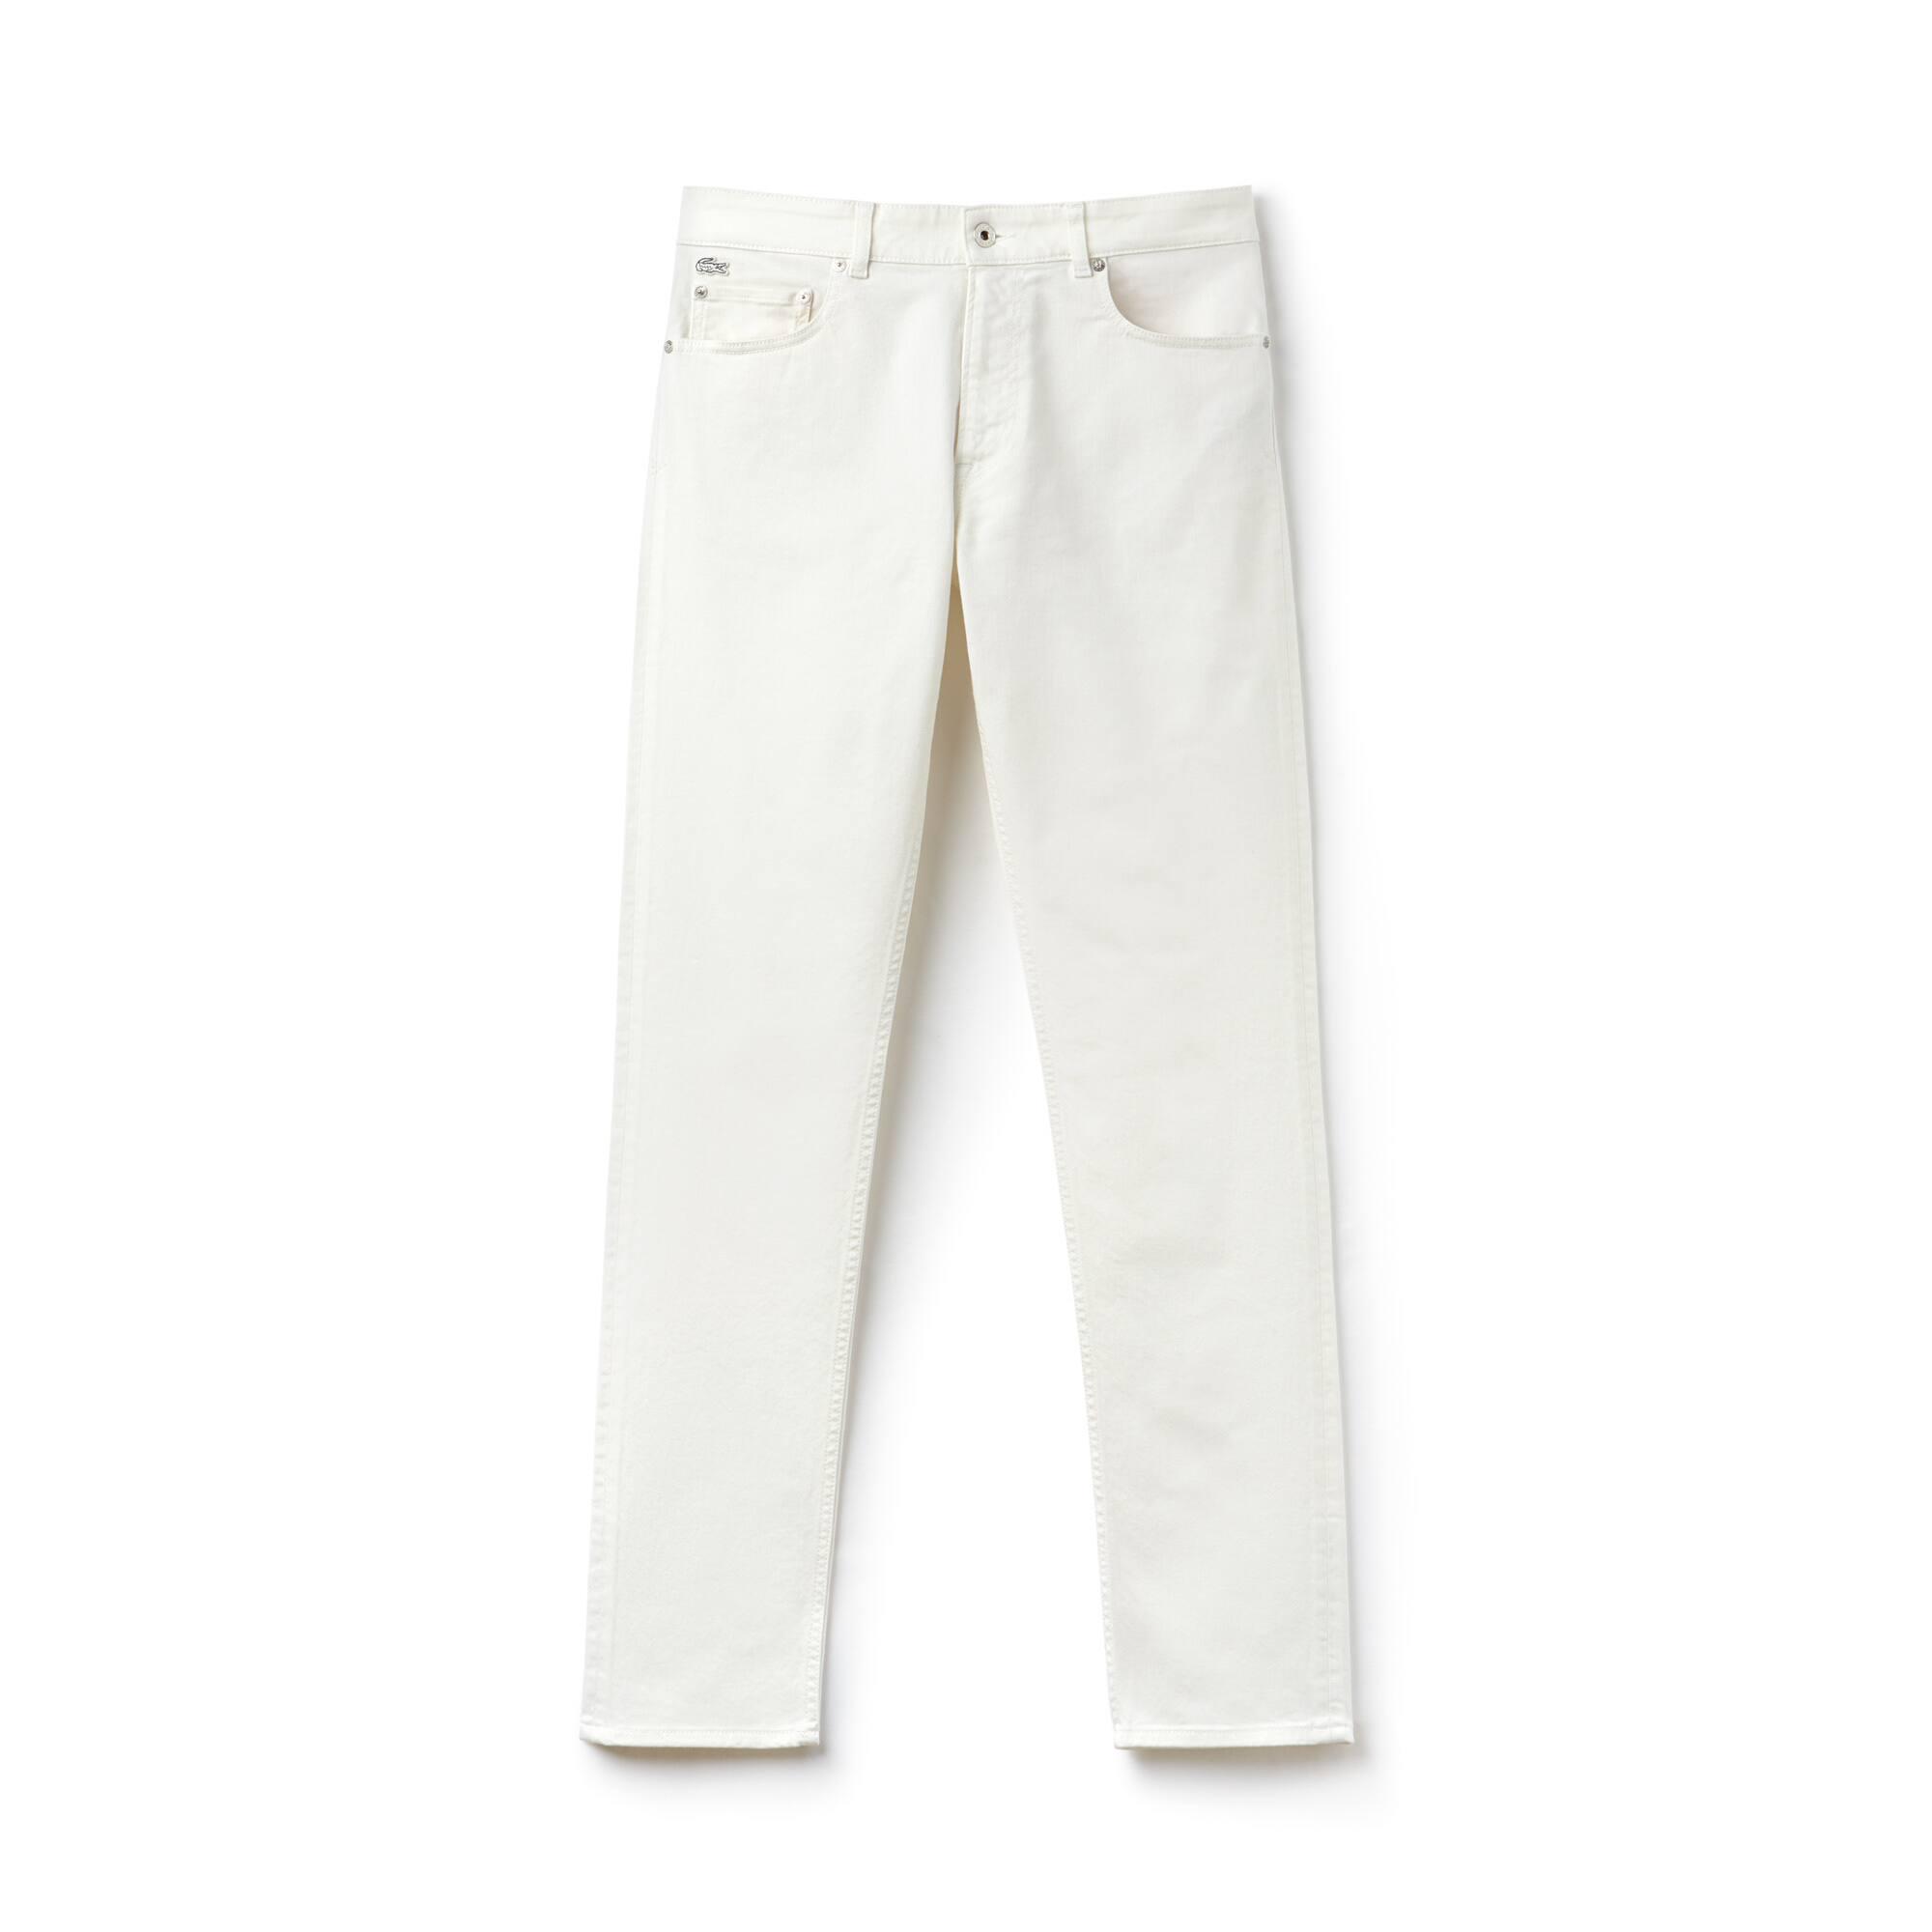 Herren Slim Fit 5-Taschen Stretchhosen aus Baumwolltwill